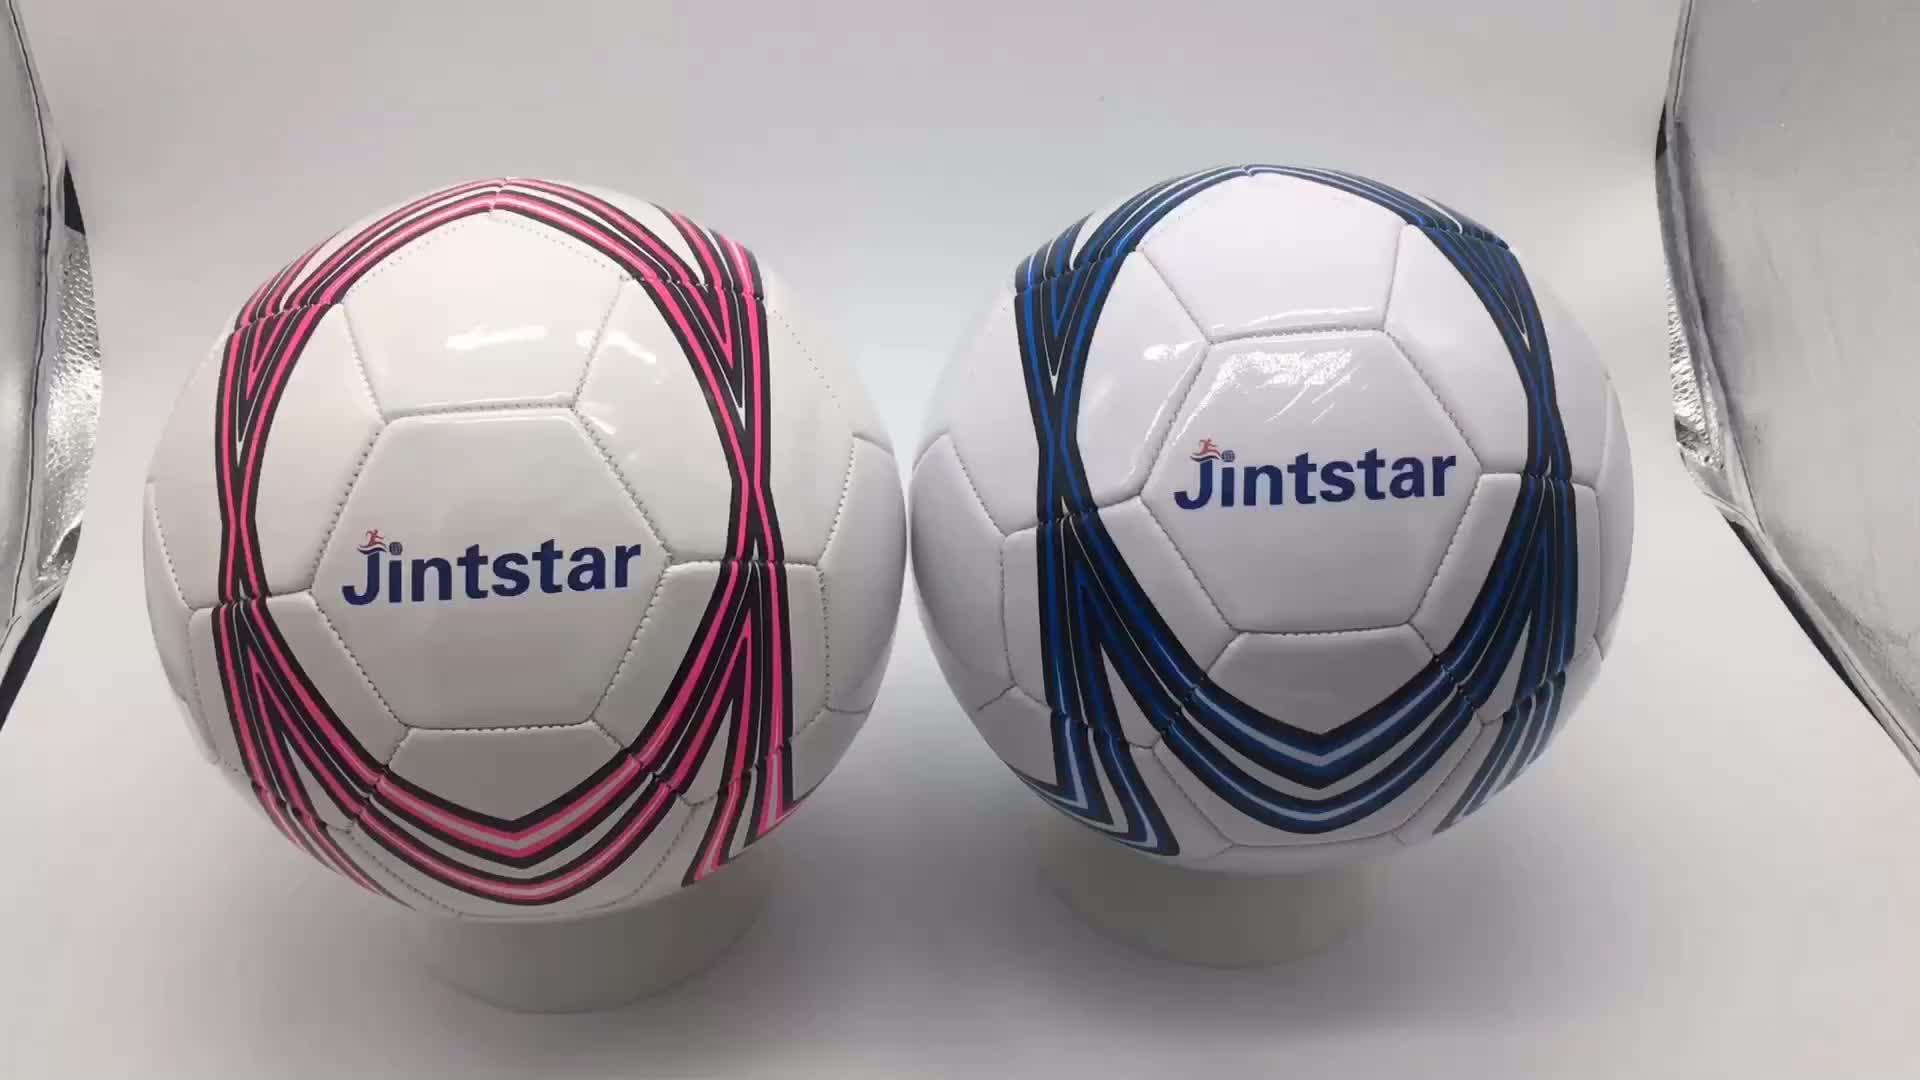 Promotionnel plaine gonflable blanc de football ballon DE football EN PVC de haute qualité